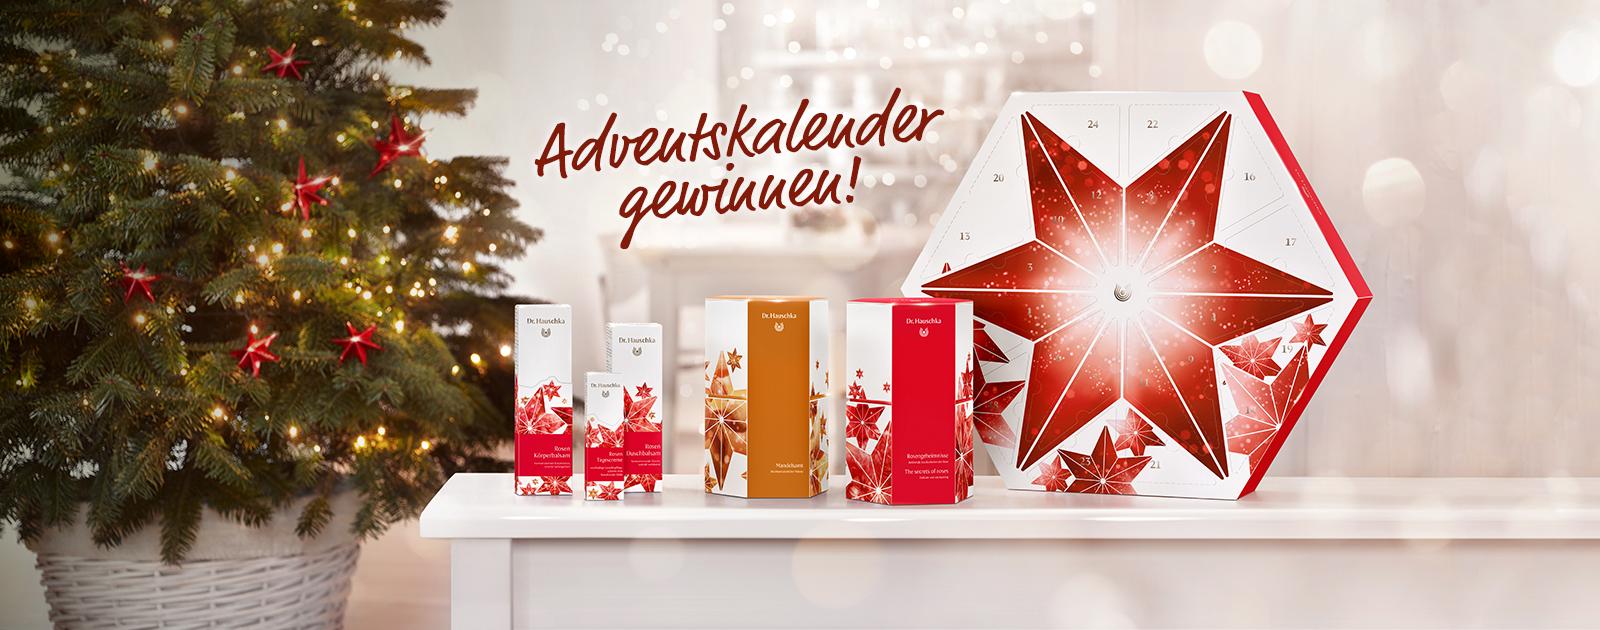 Dr. Hauschka Weihnachtszauber: Jetzt Adventskalender gewinnen!